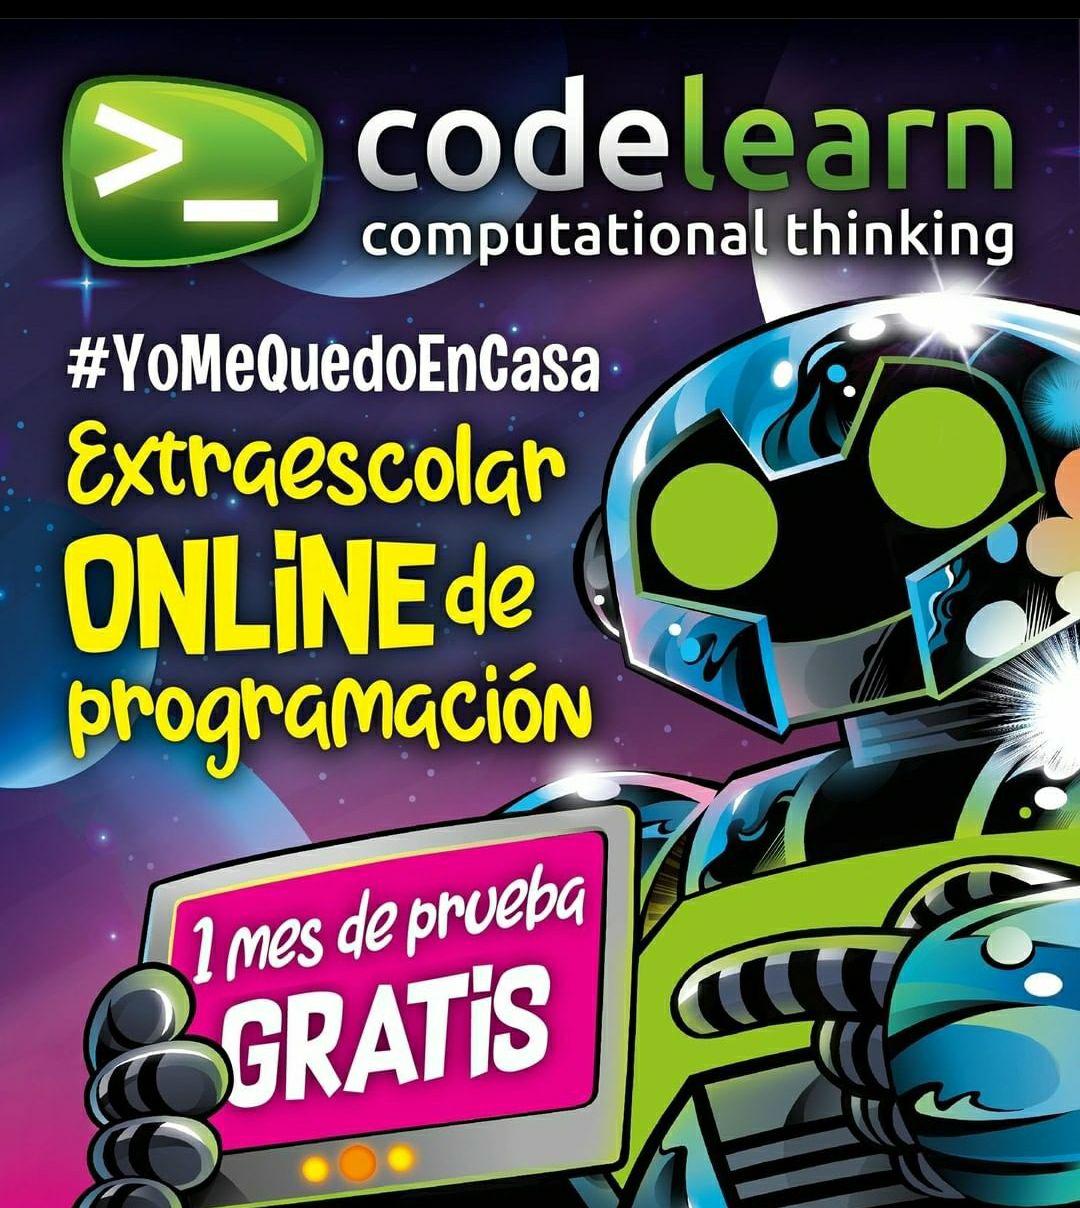 codelearn - 1 mes de prueba gratis - Programación para niñ@s